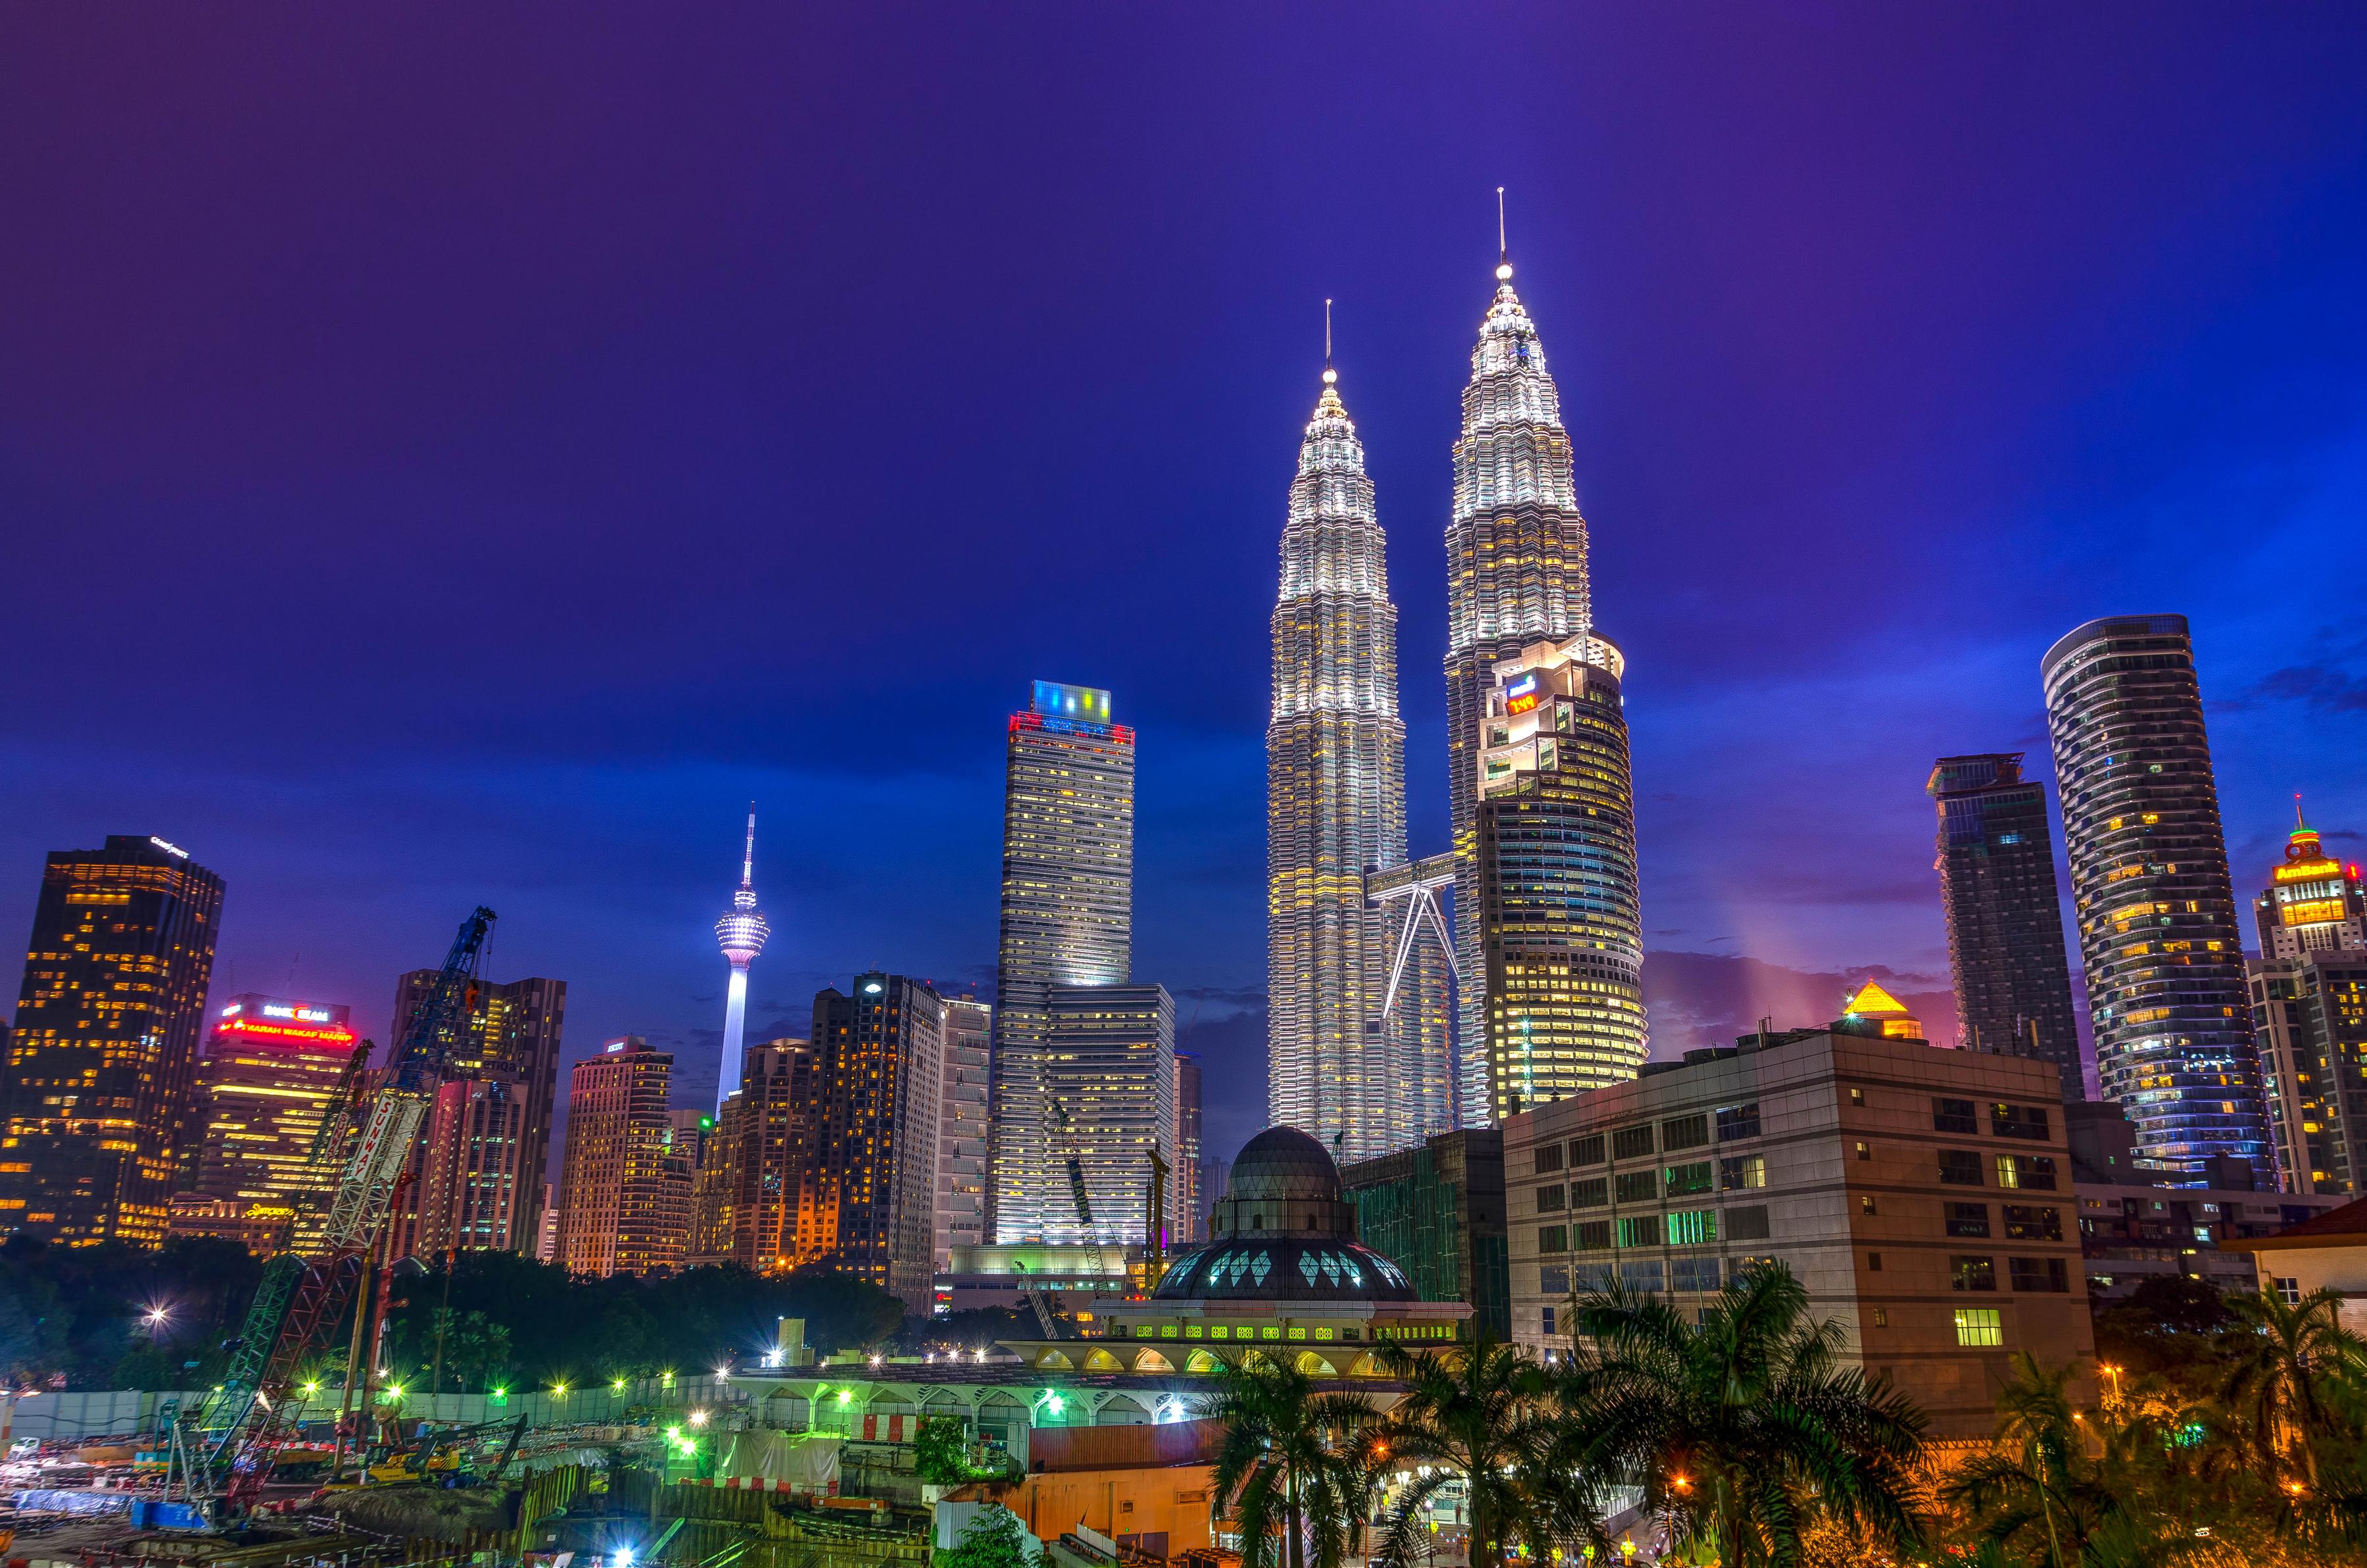 Картинка из малайзия